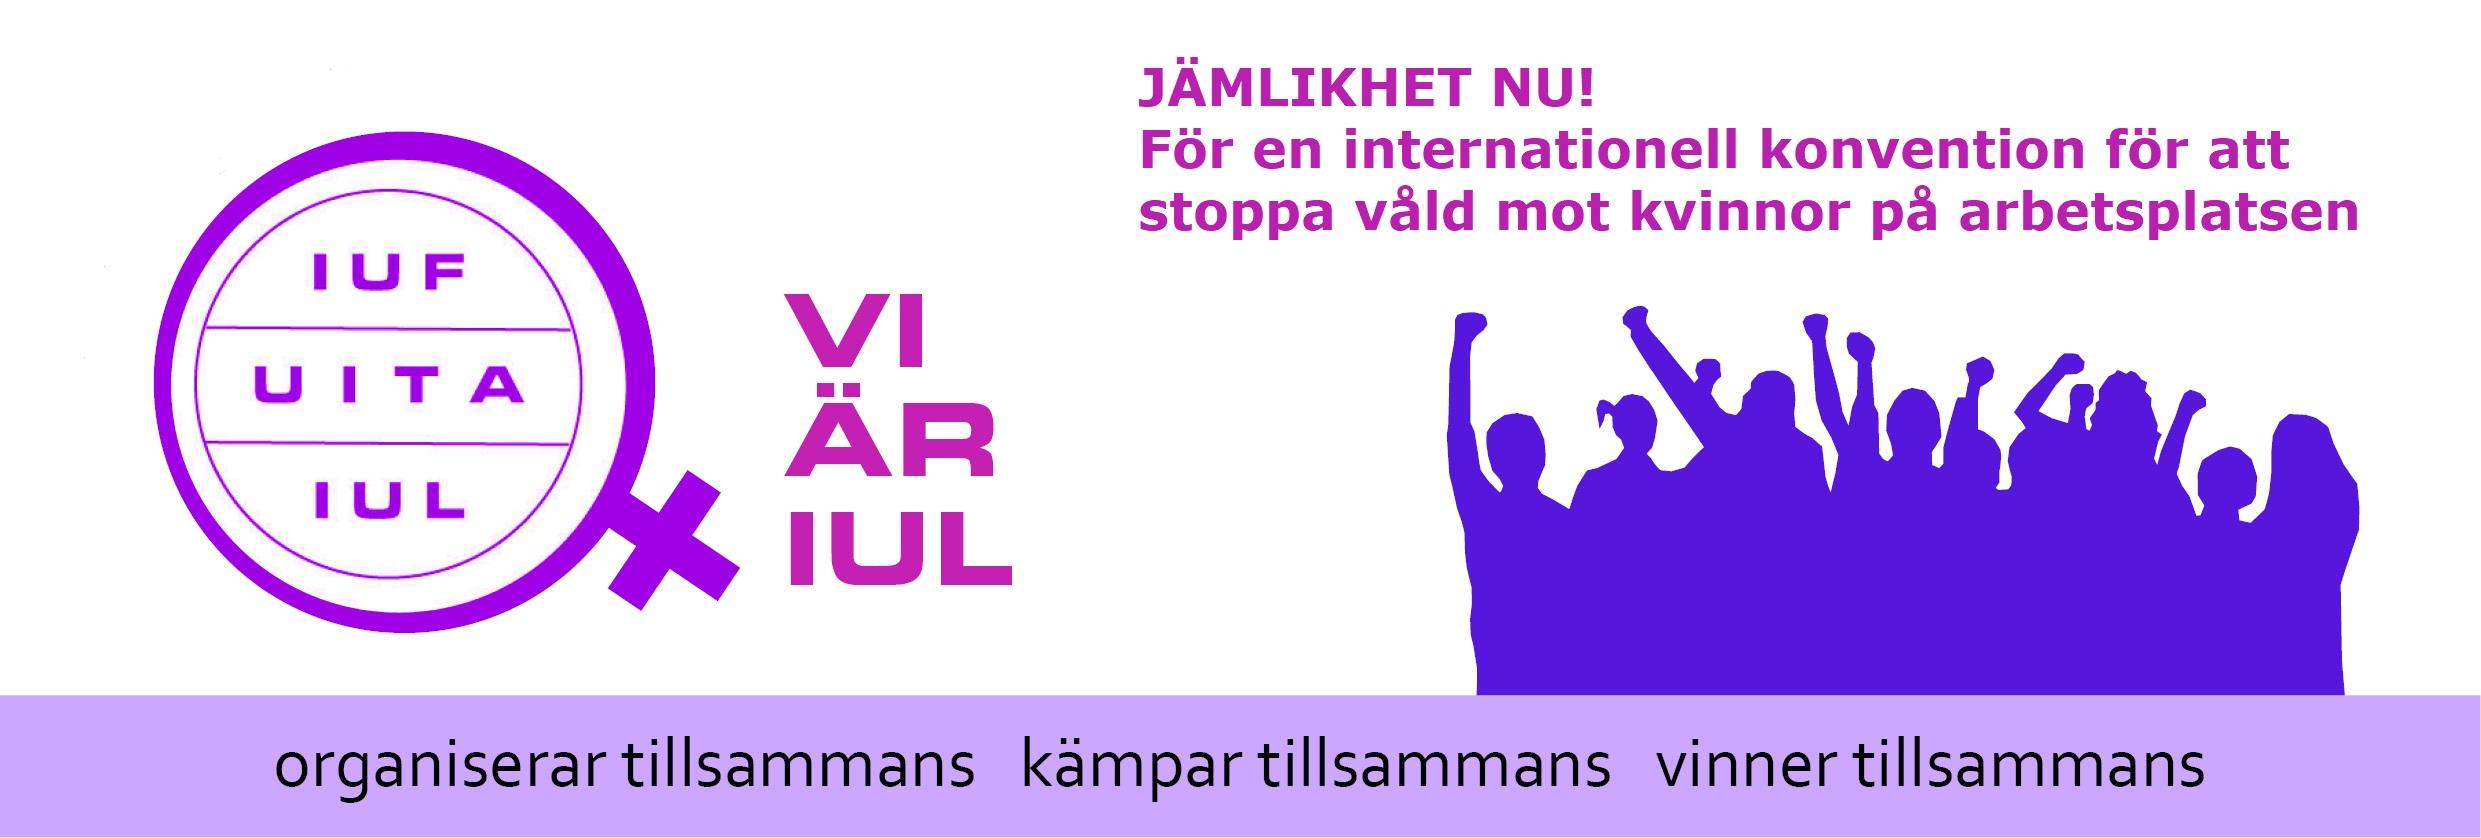 IUF_8March_Swedish_NA_2